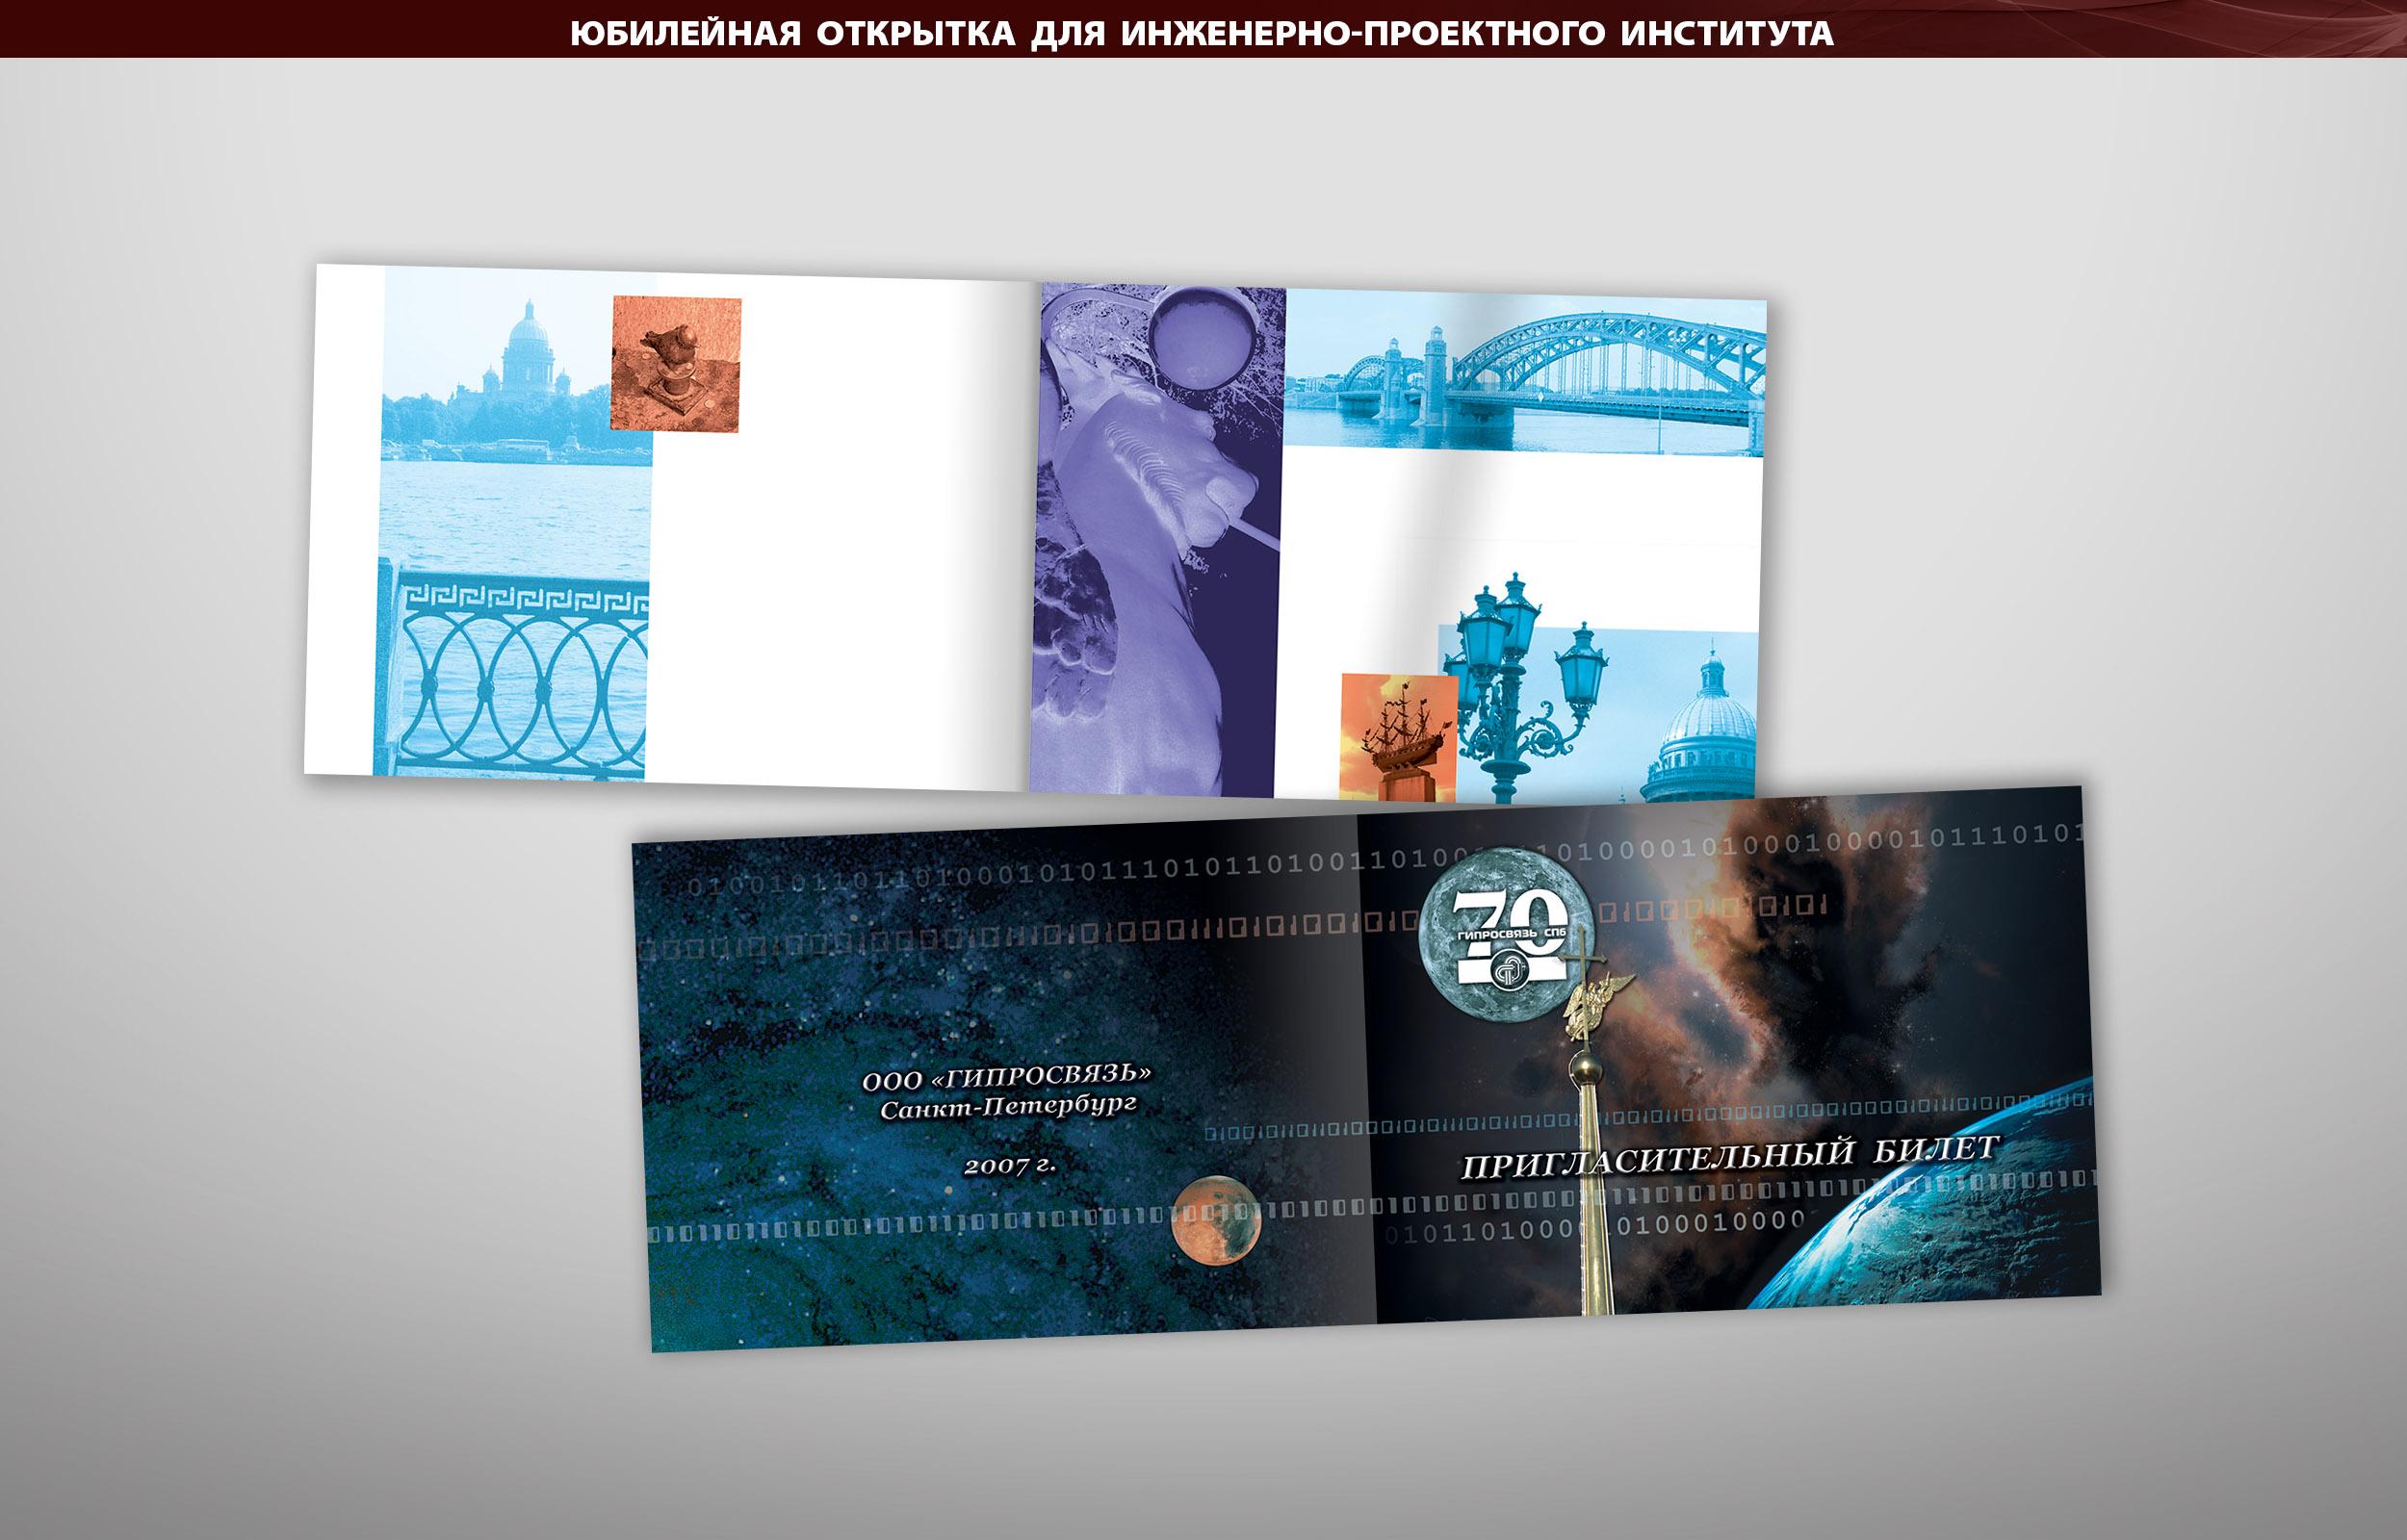 Юбилейная открытка для инженерно-проектного института